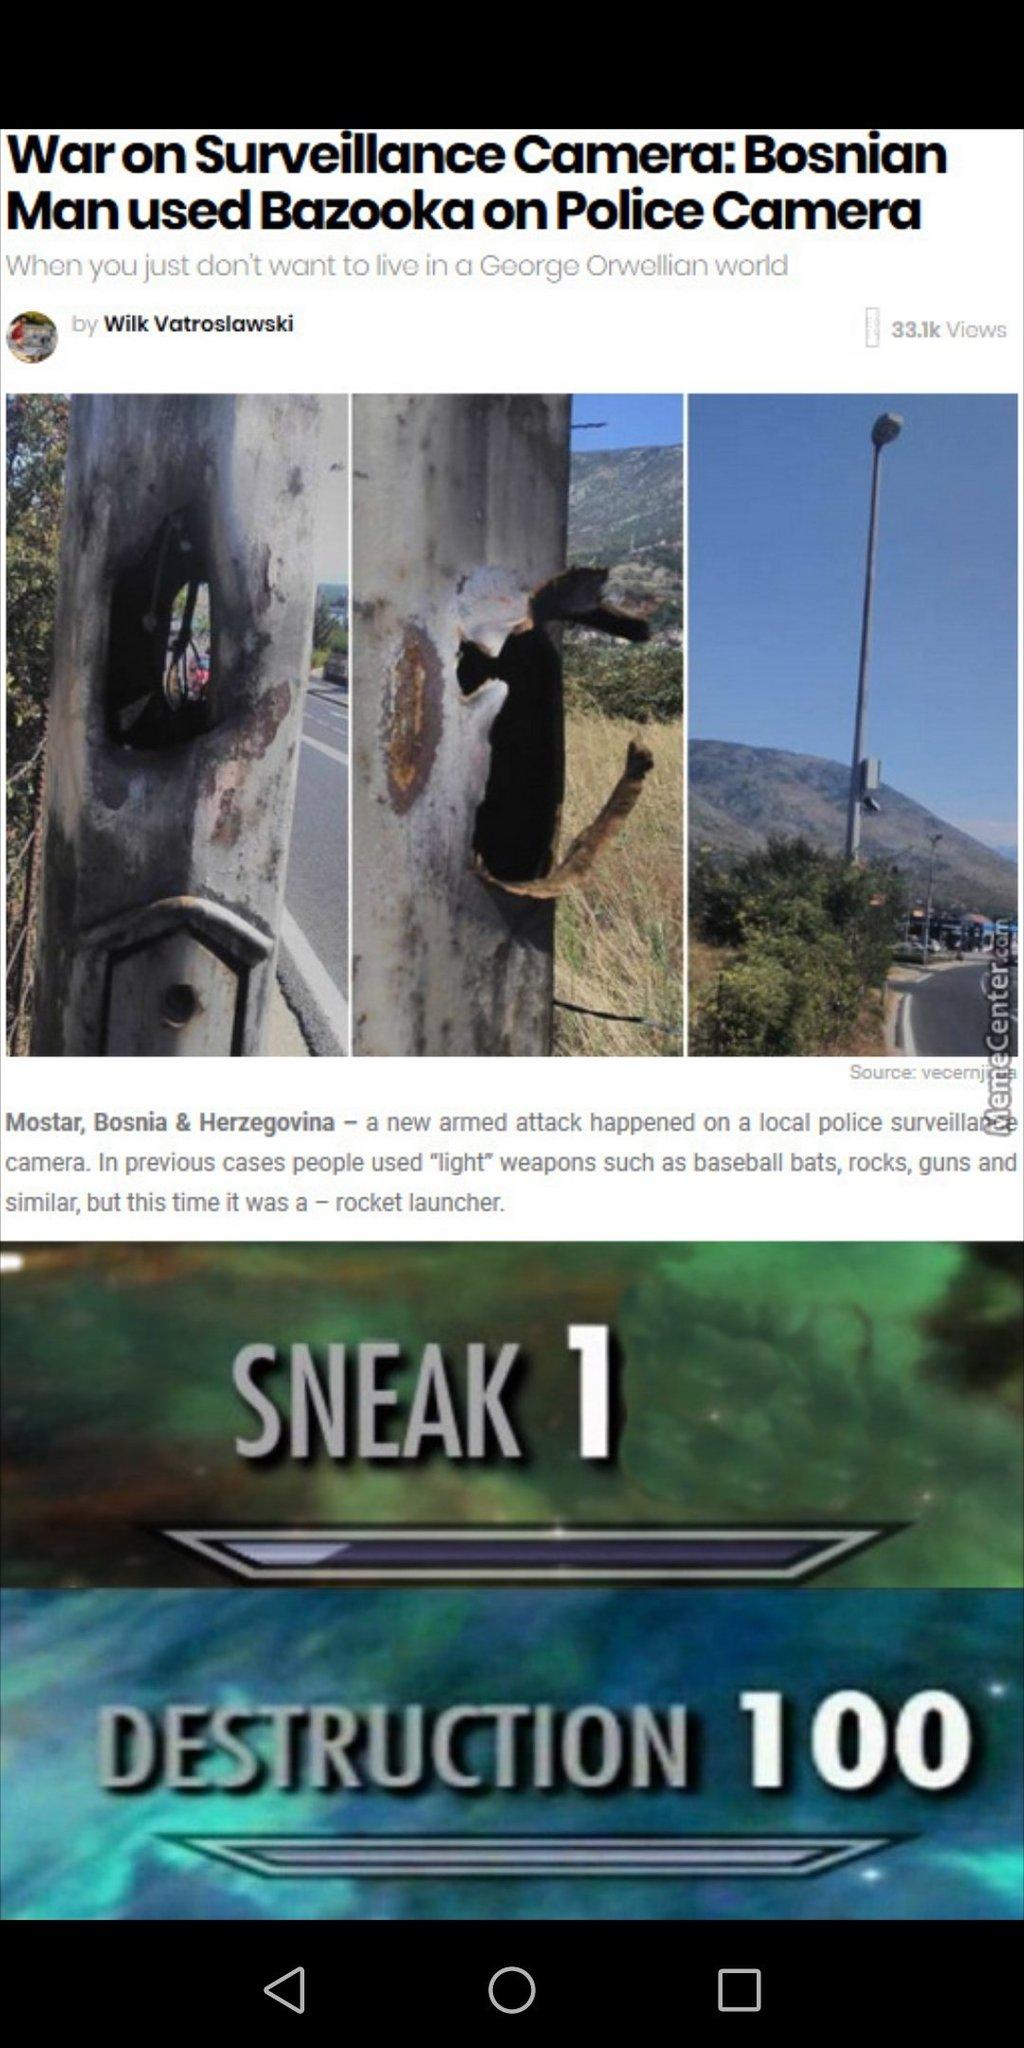 Sneaky Destruction - meme